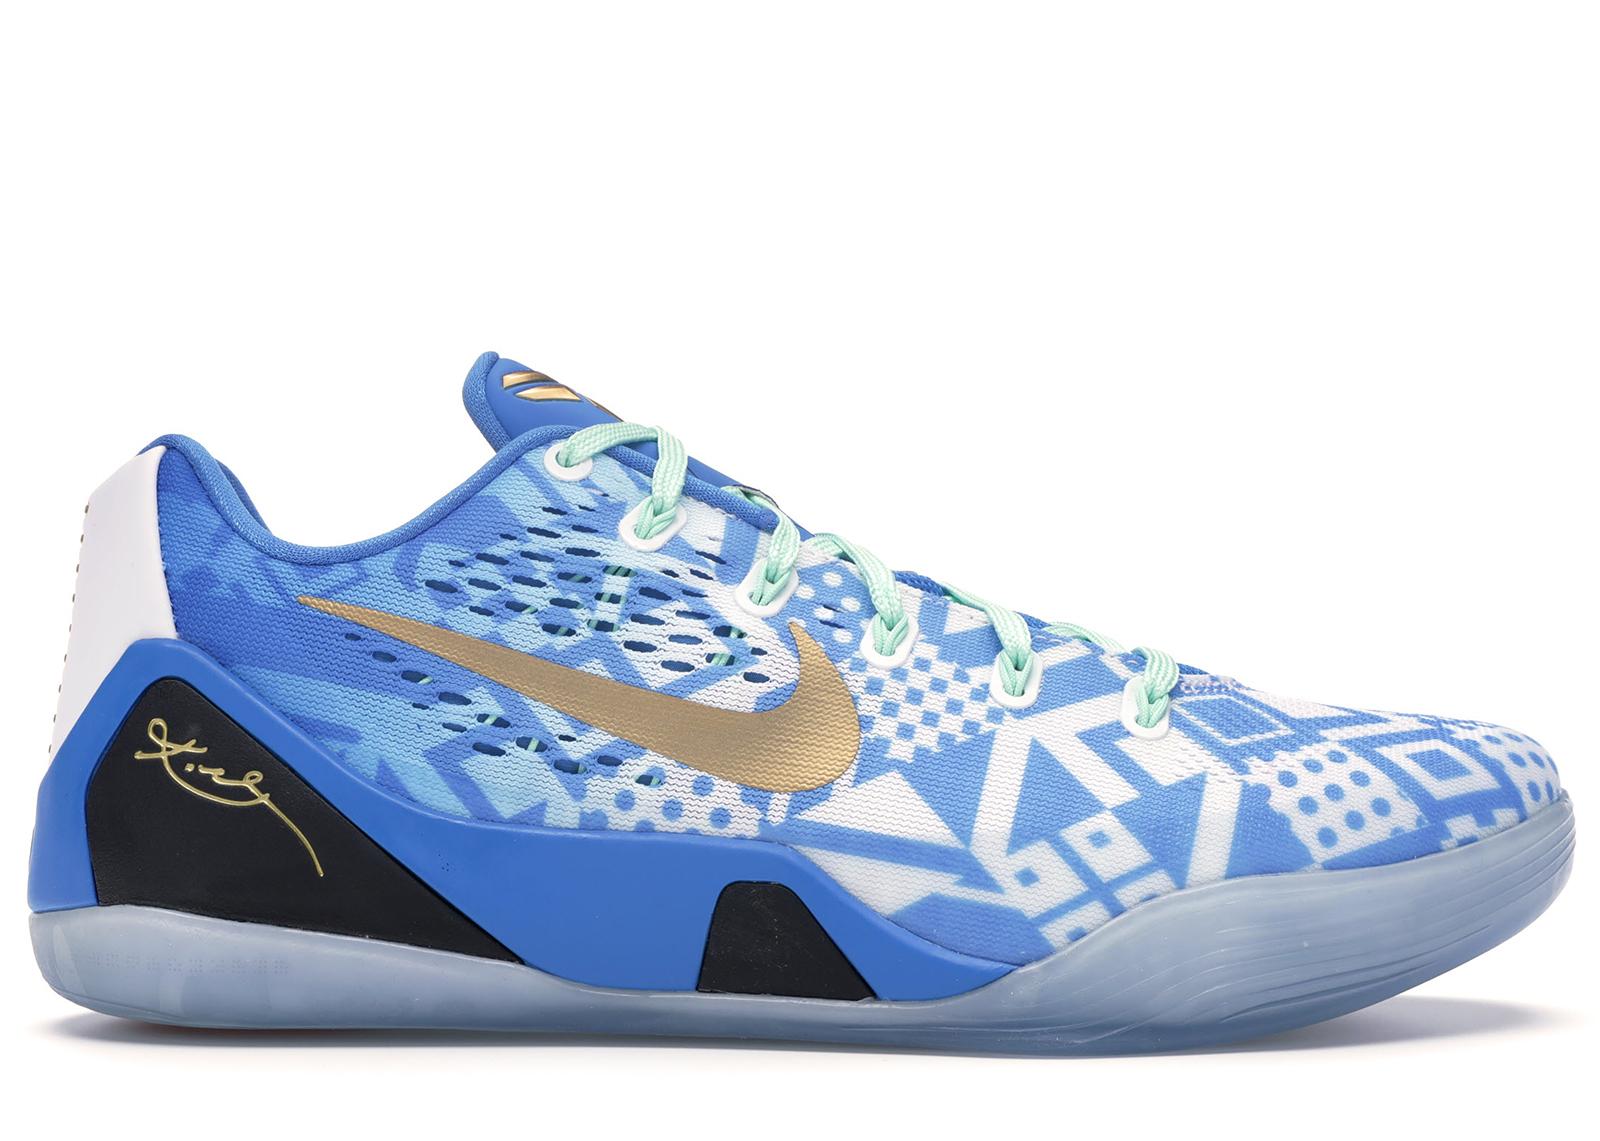 Nike Kobe 9 EM Low Hyper Cobalt